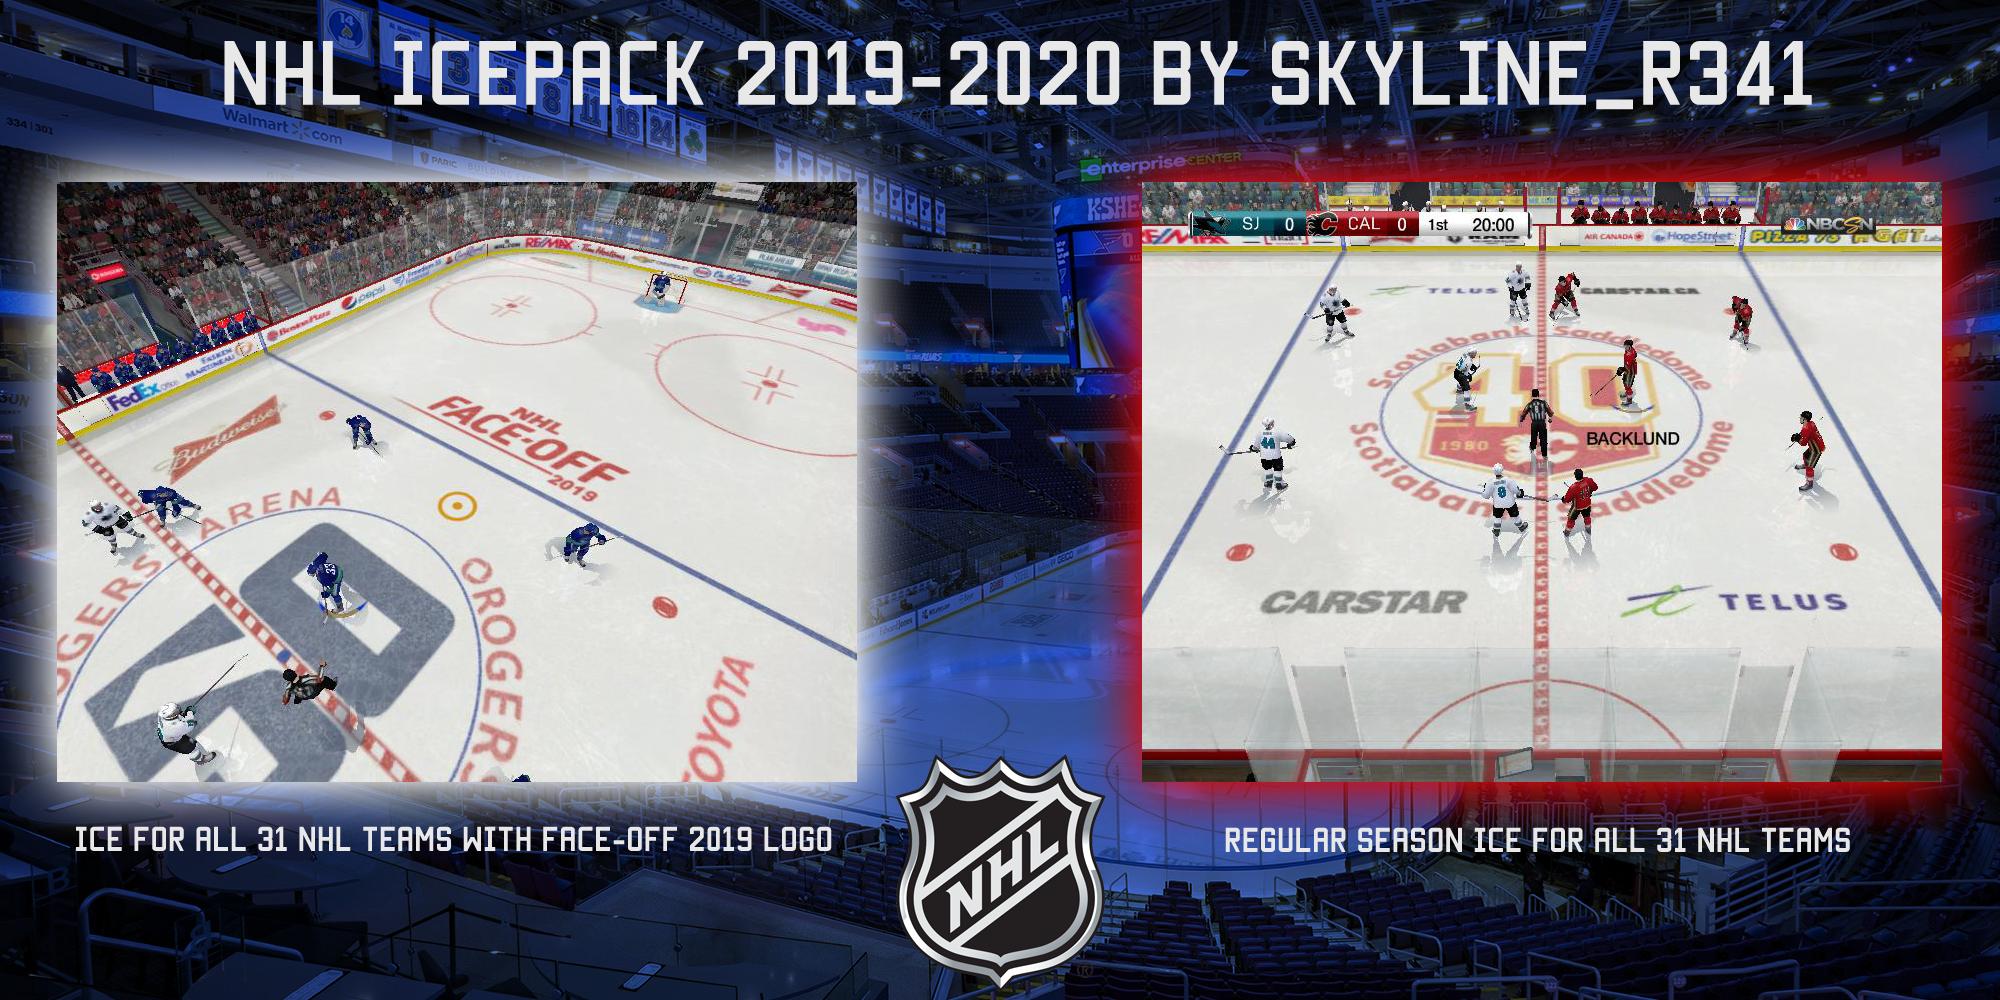 NHL Icepack 2019-2020